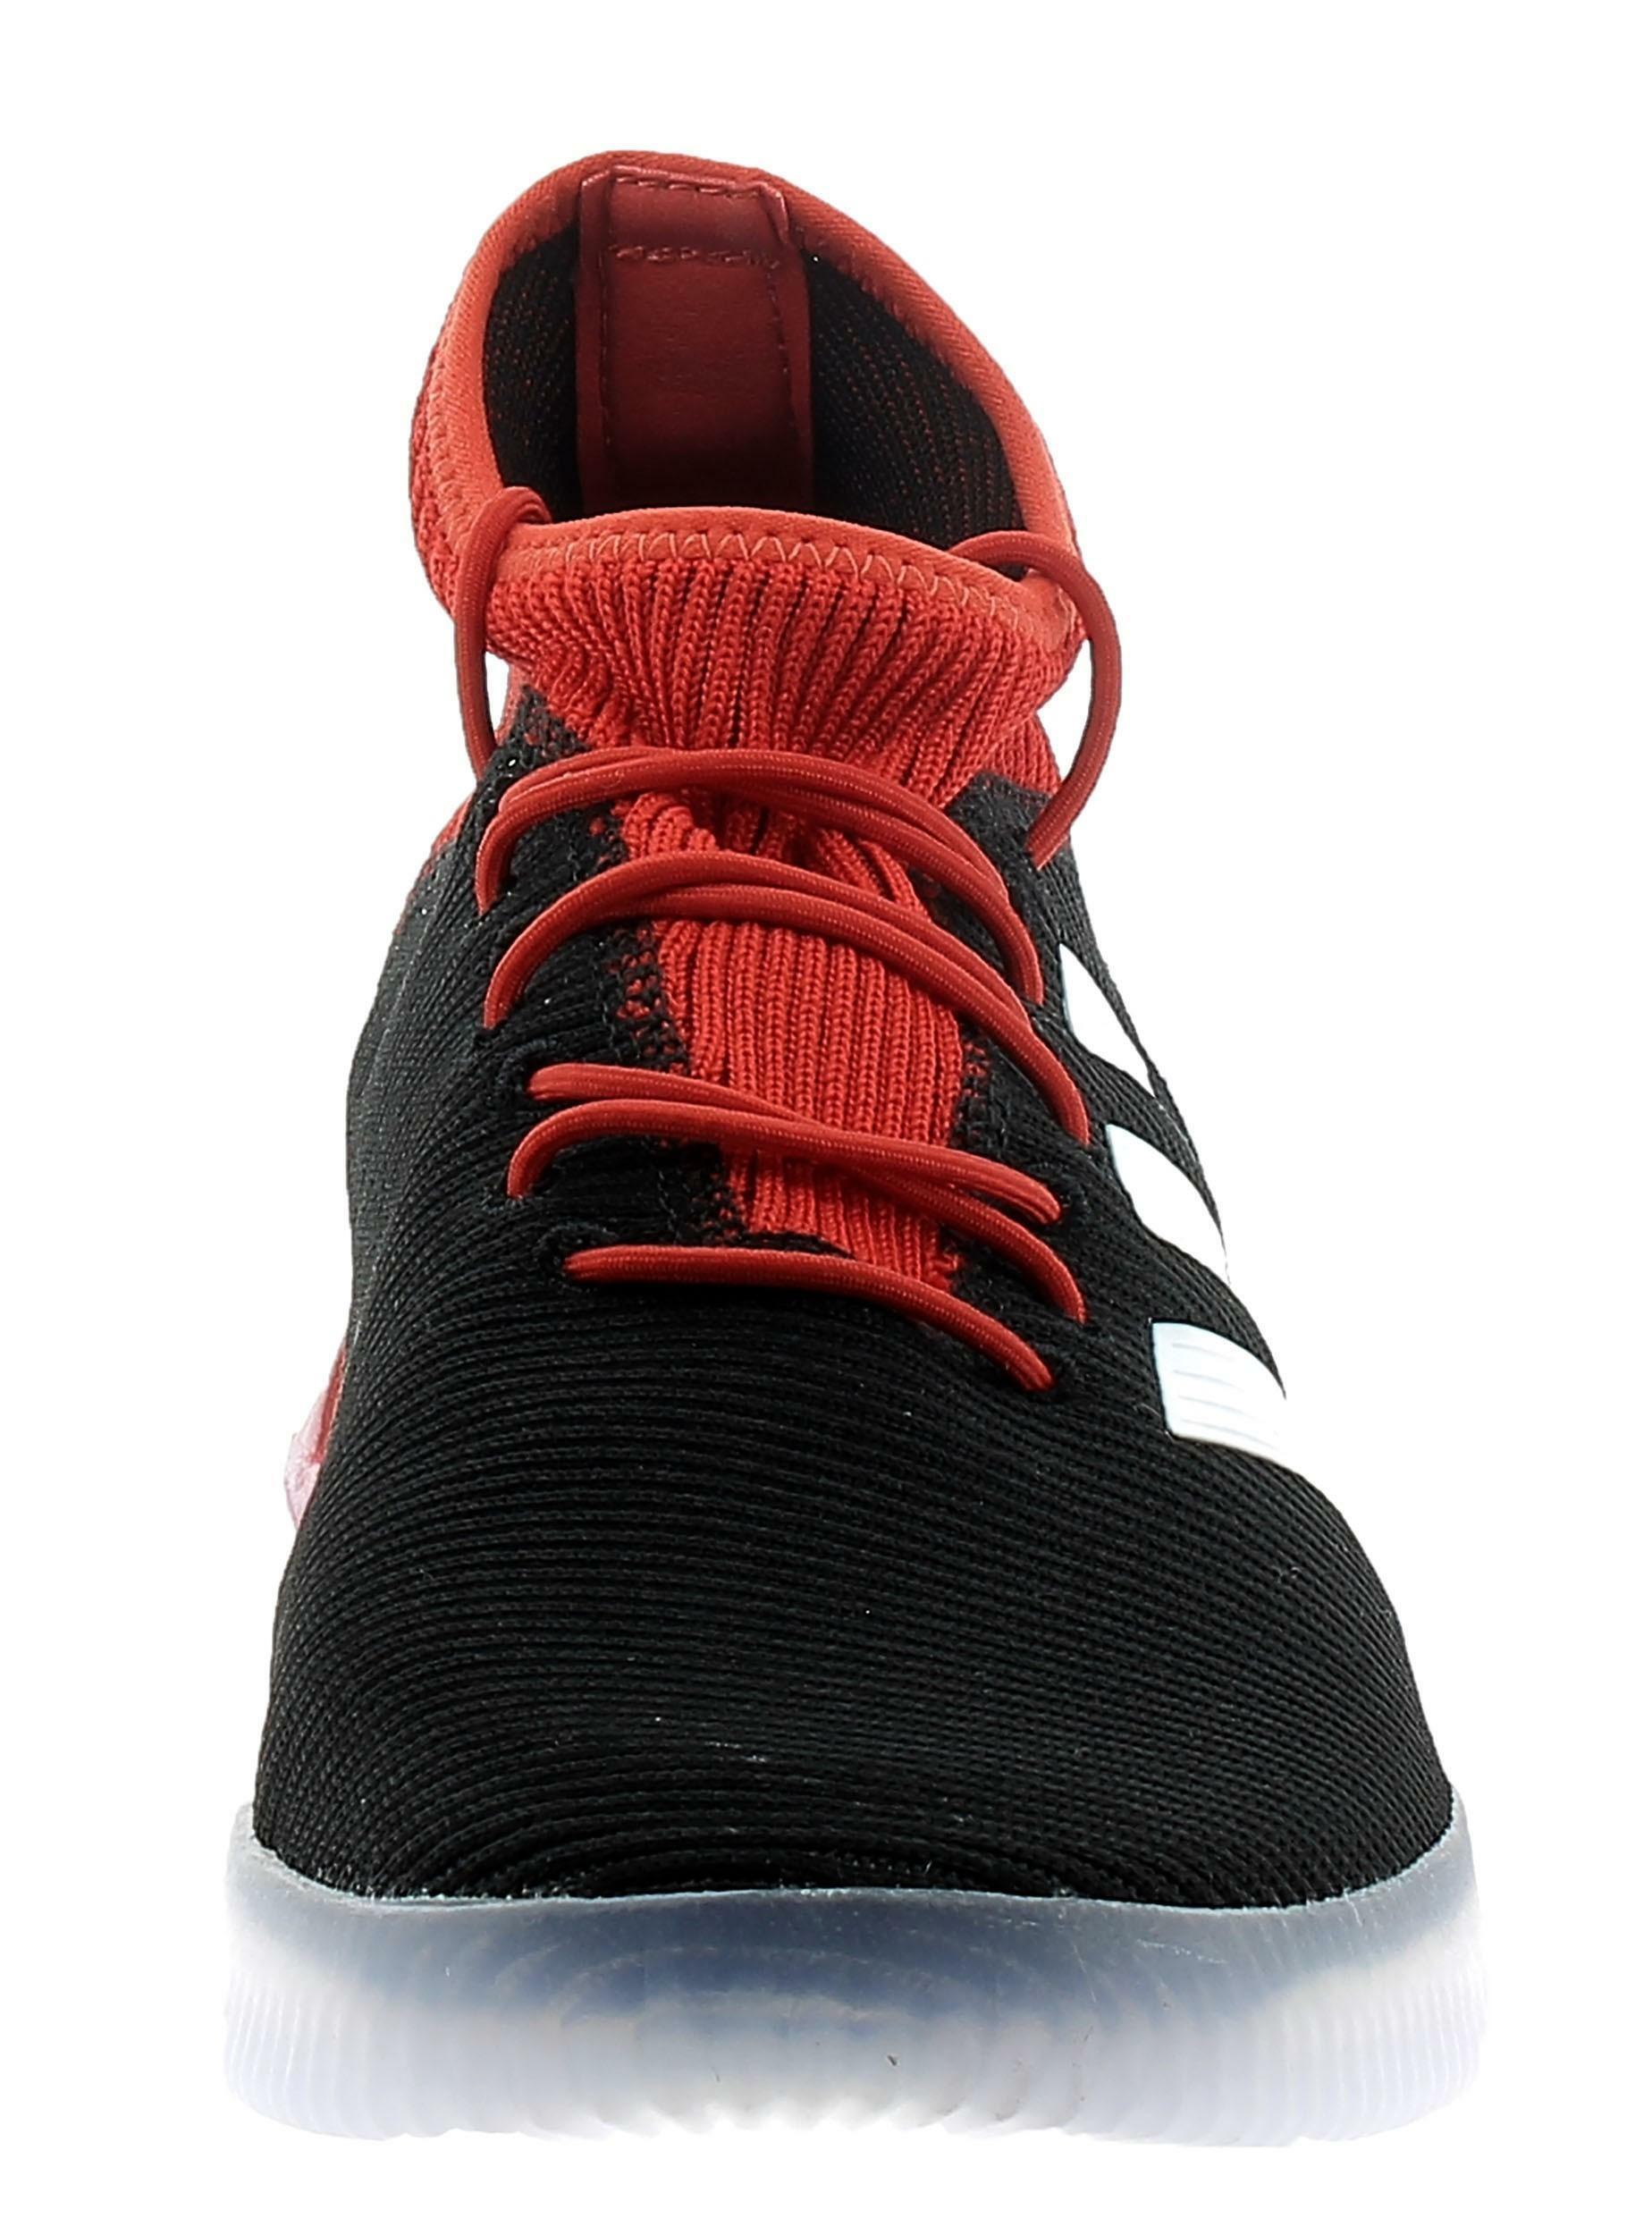 adidas adidas predator tango 18.1 tr scarpe sportive uomo nere db2063